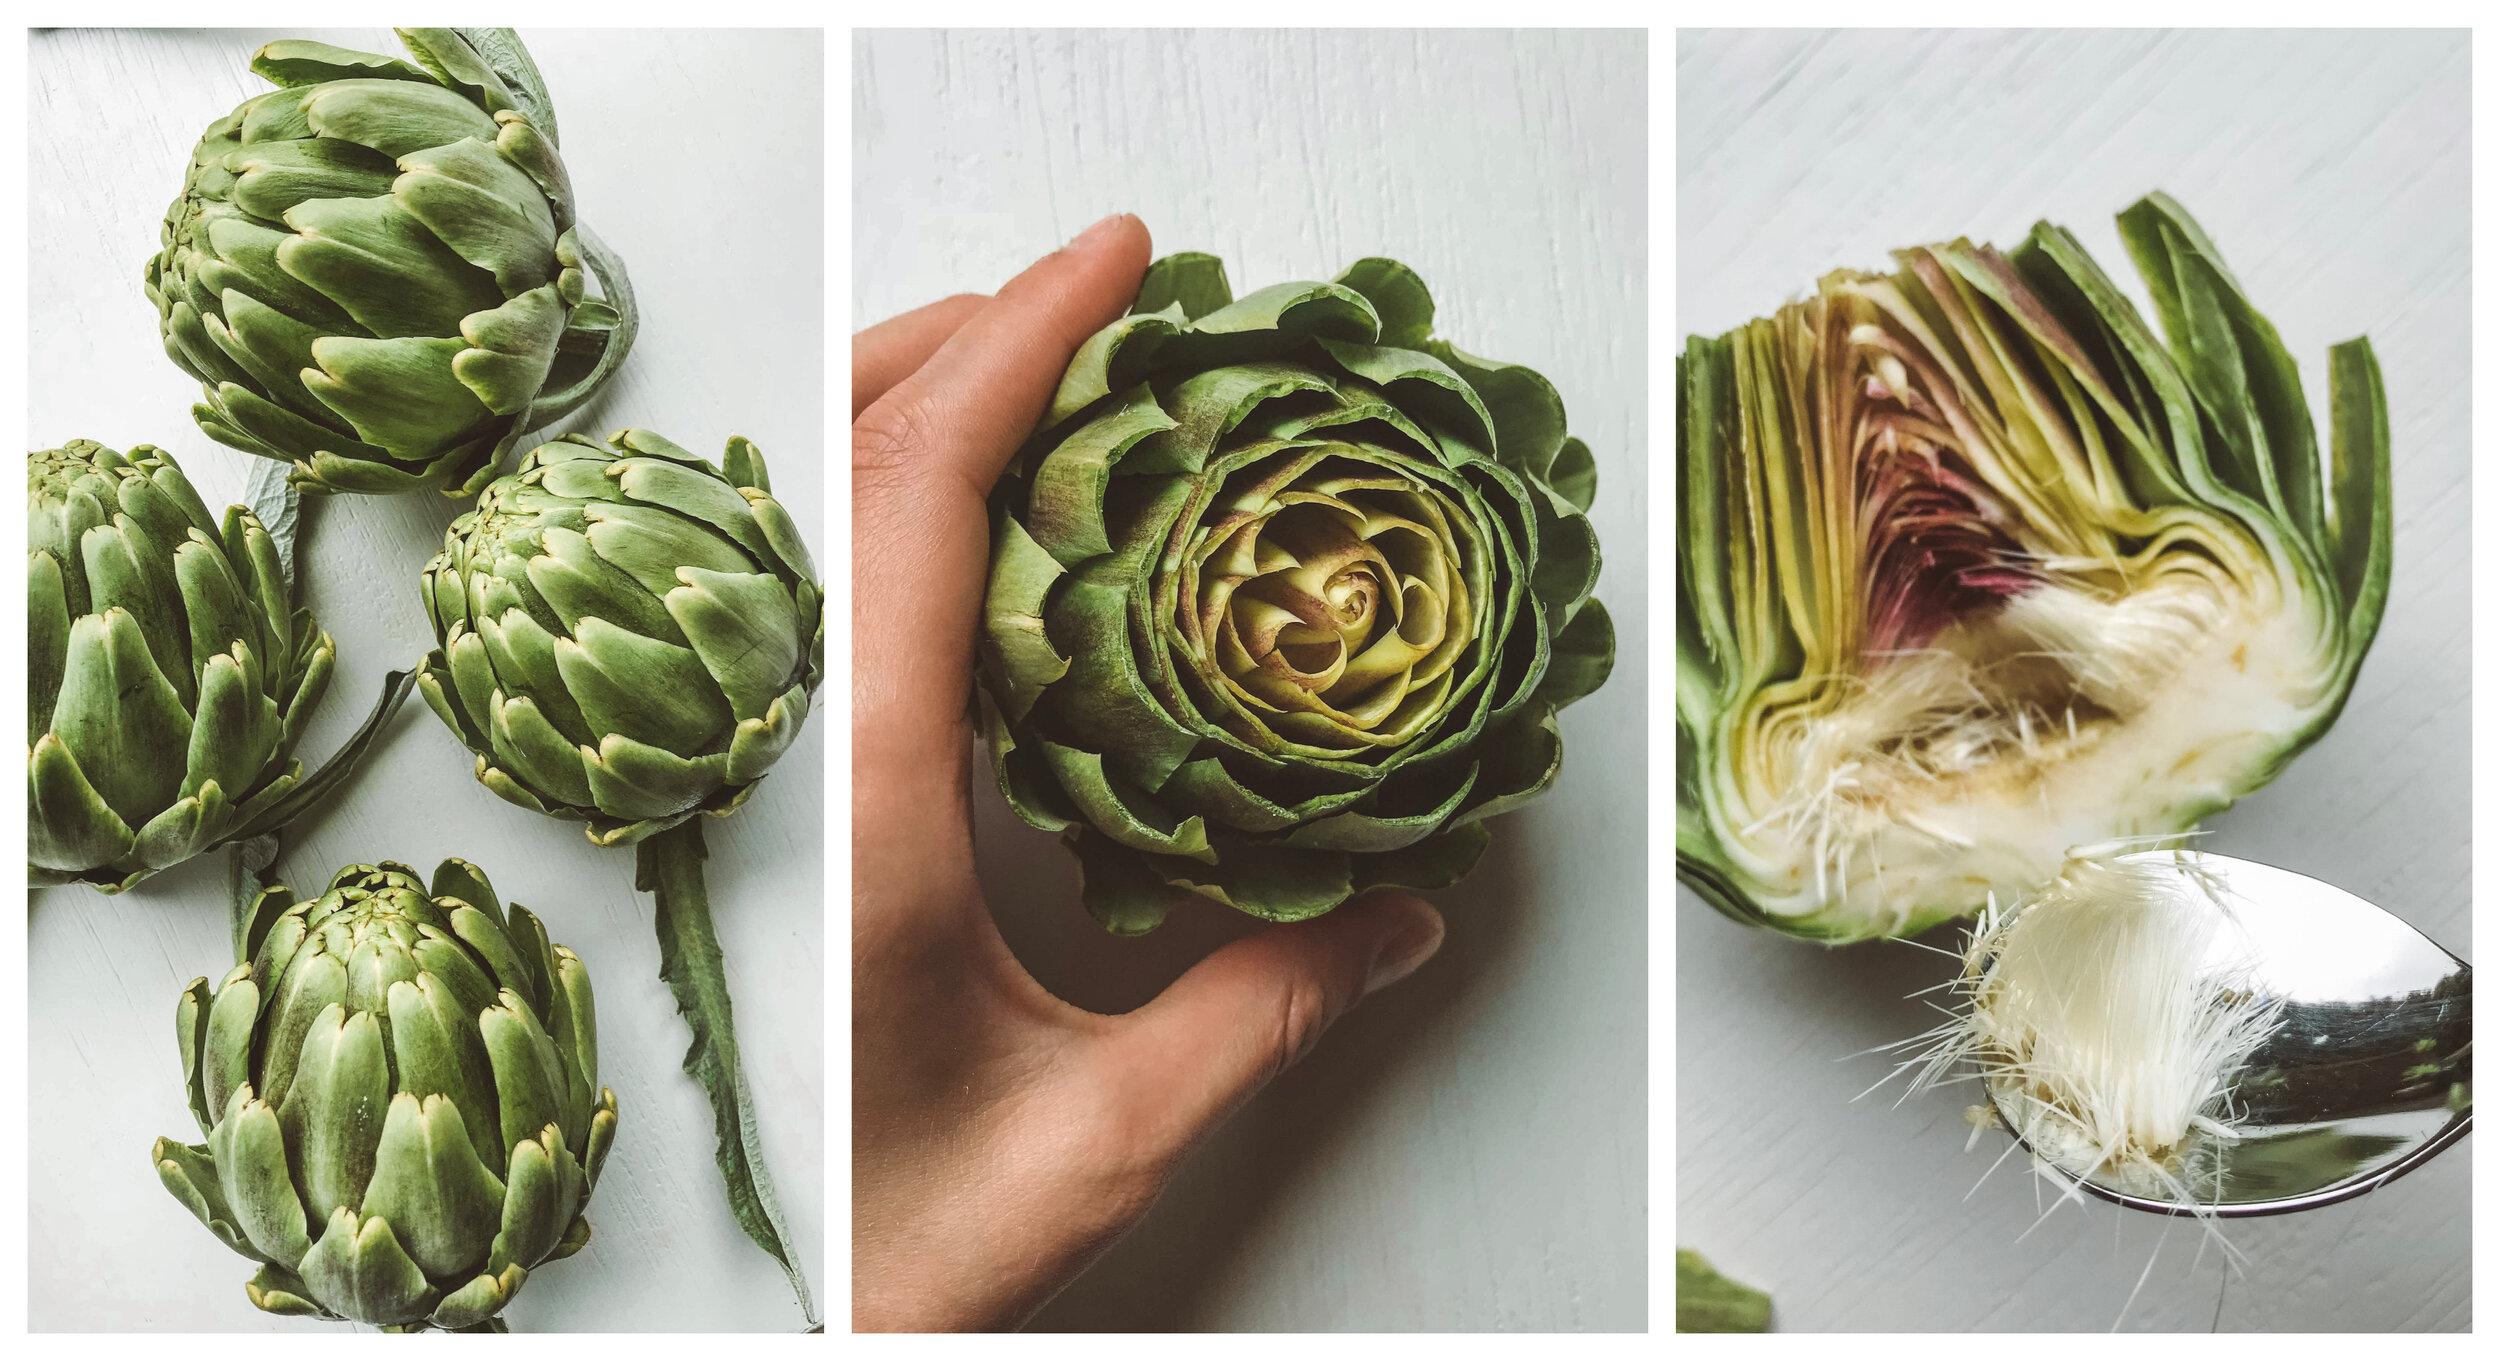 How to prepare globe artichokes